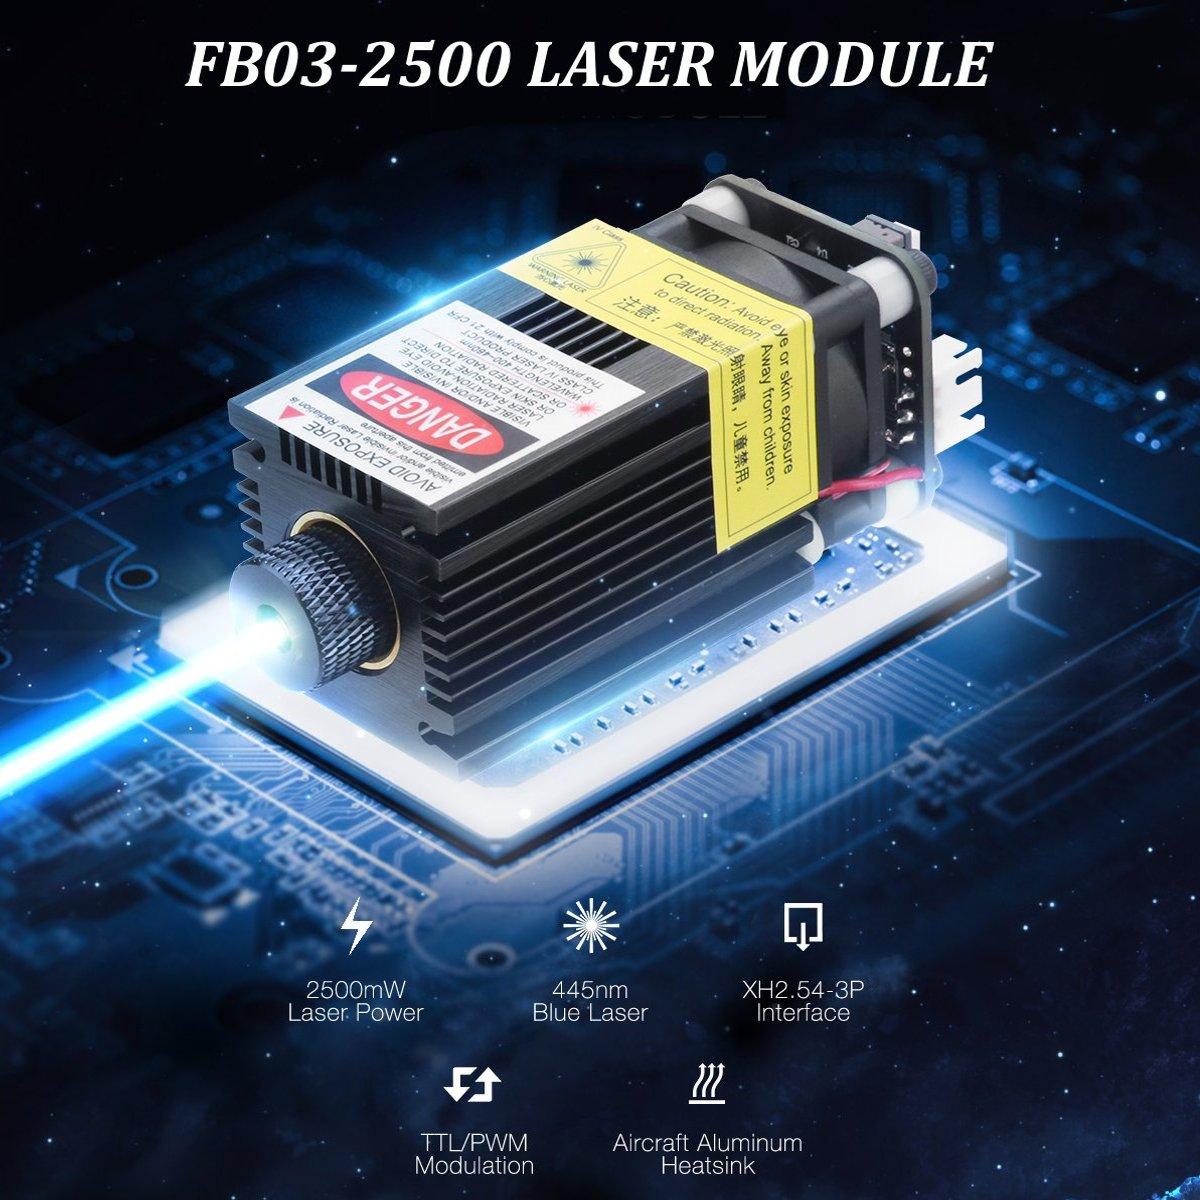 FB03-2500 2500 mW 445nm Module Laser bleu 2.54-3 P TTL/PWM Modulation bricolage graveur pour EleksMakerFB03-2500 2500 mW 445nm Module Laser bleu 2.54-3 P TTL/PWM Modulation bricolage graveur pour EleksMaker